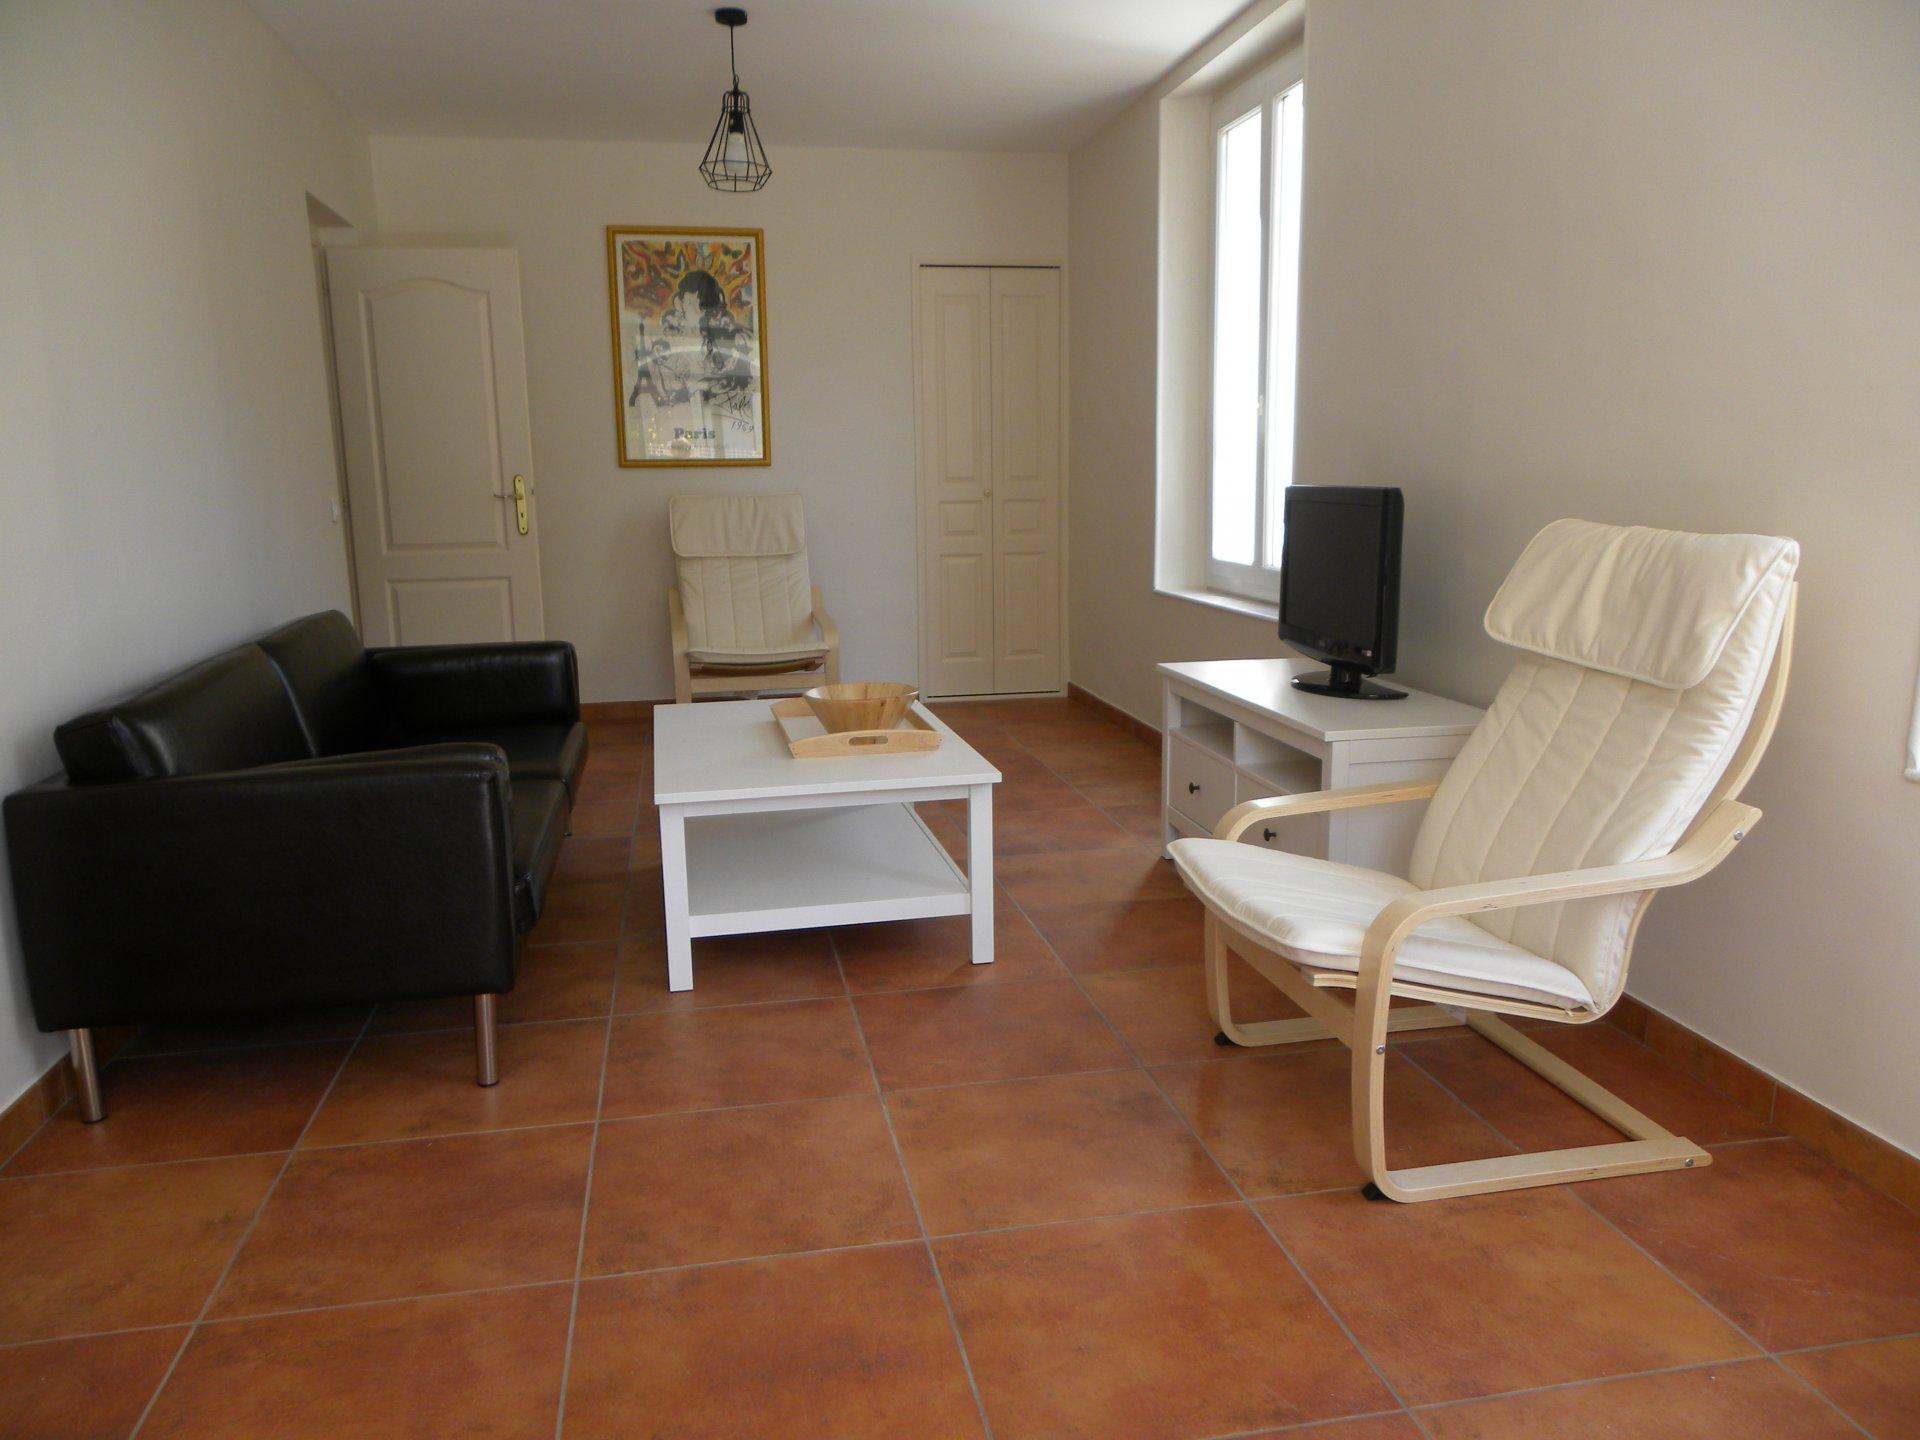 BANDOL VENTE APPARTEMENT T3 Plage de RENECROS - Appartement 3 Pièces 75m² + Jardin - 50m Centre et Port